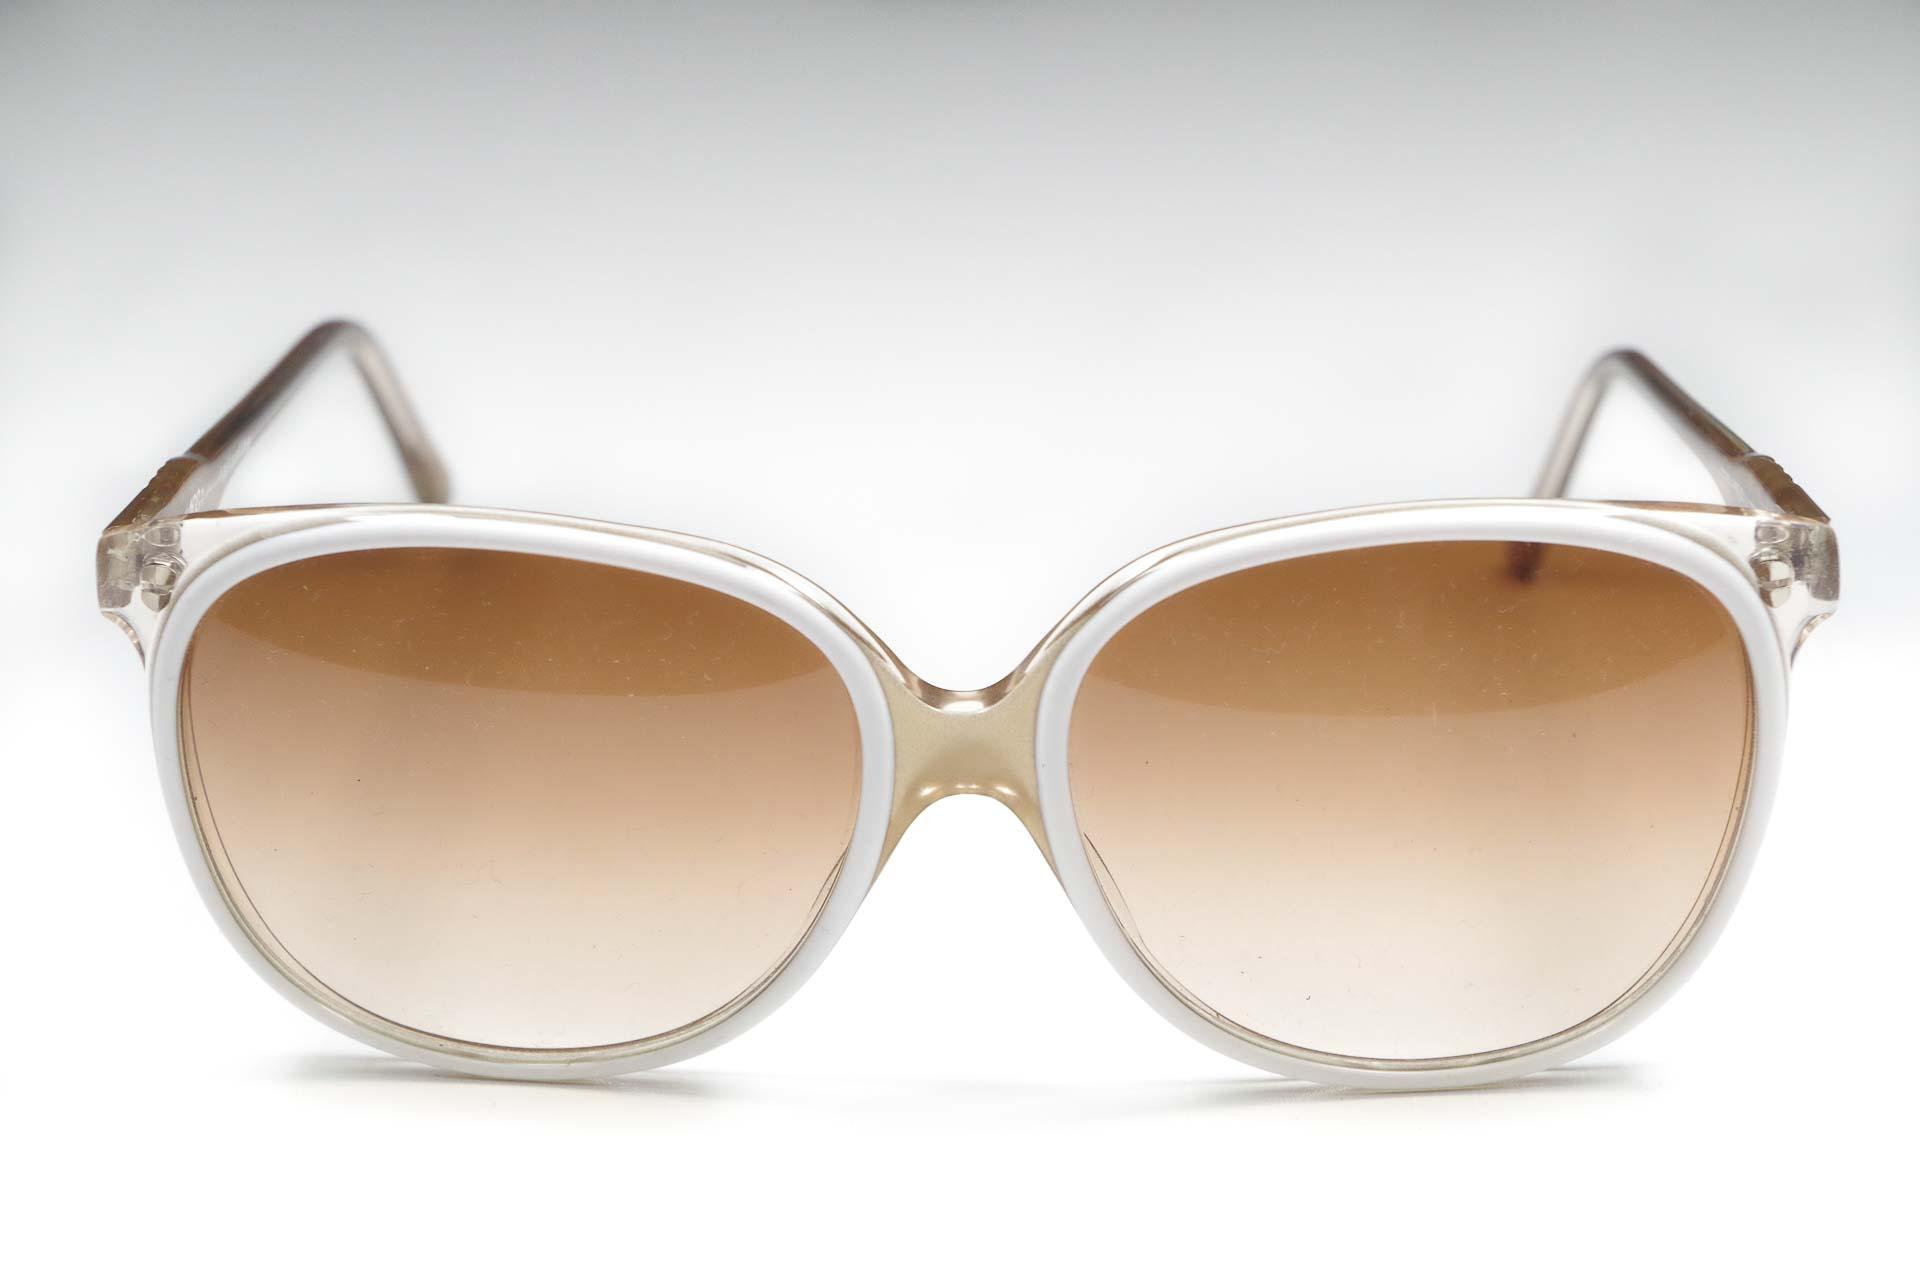 occhiali da sole bianchi 1